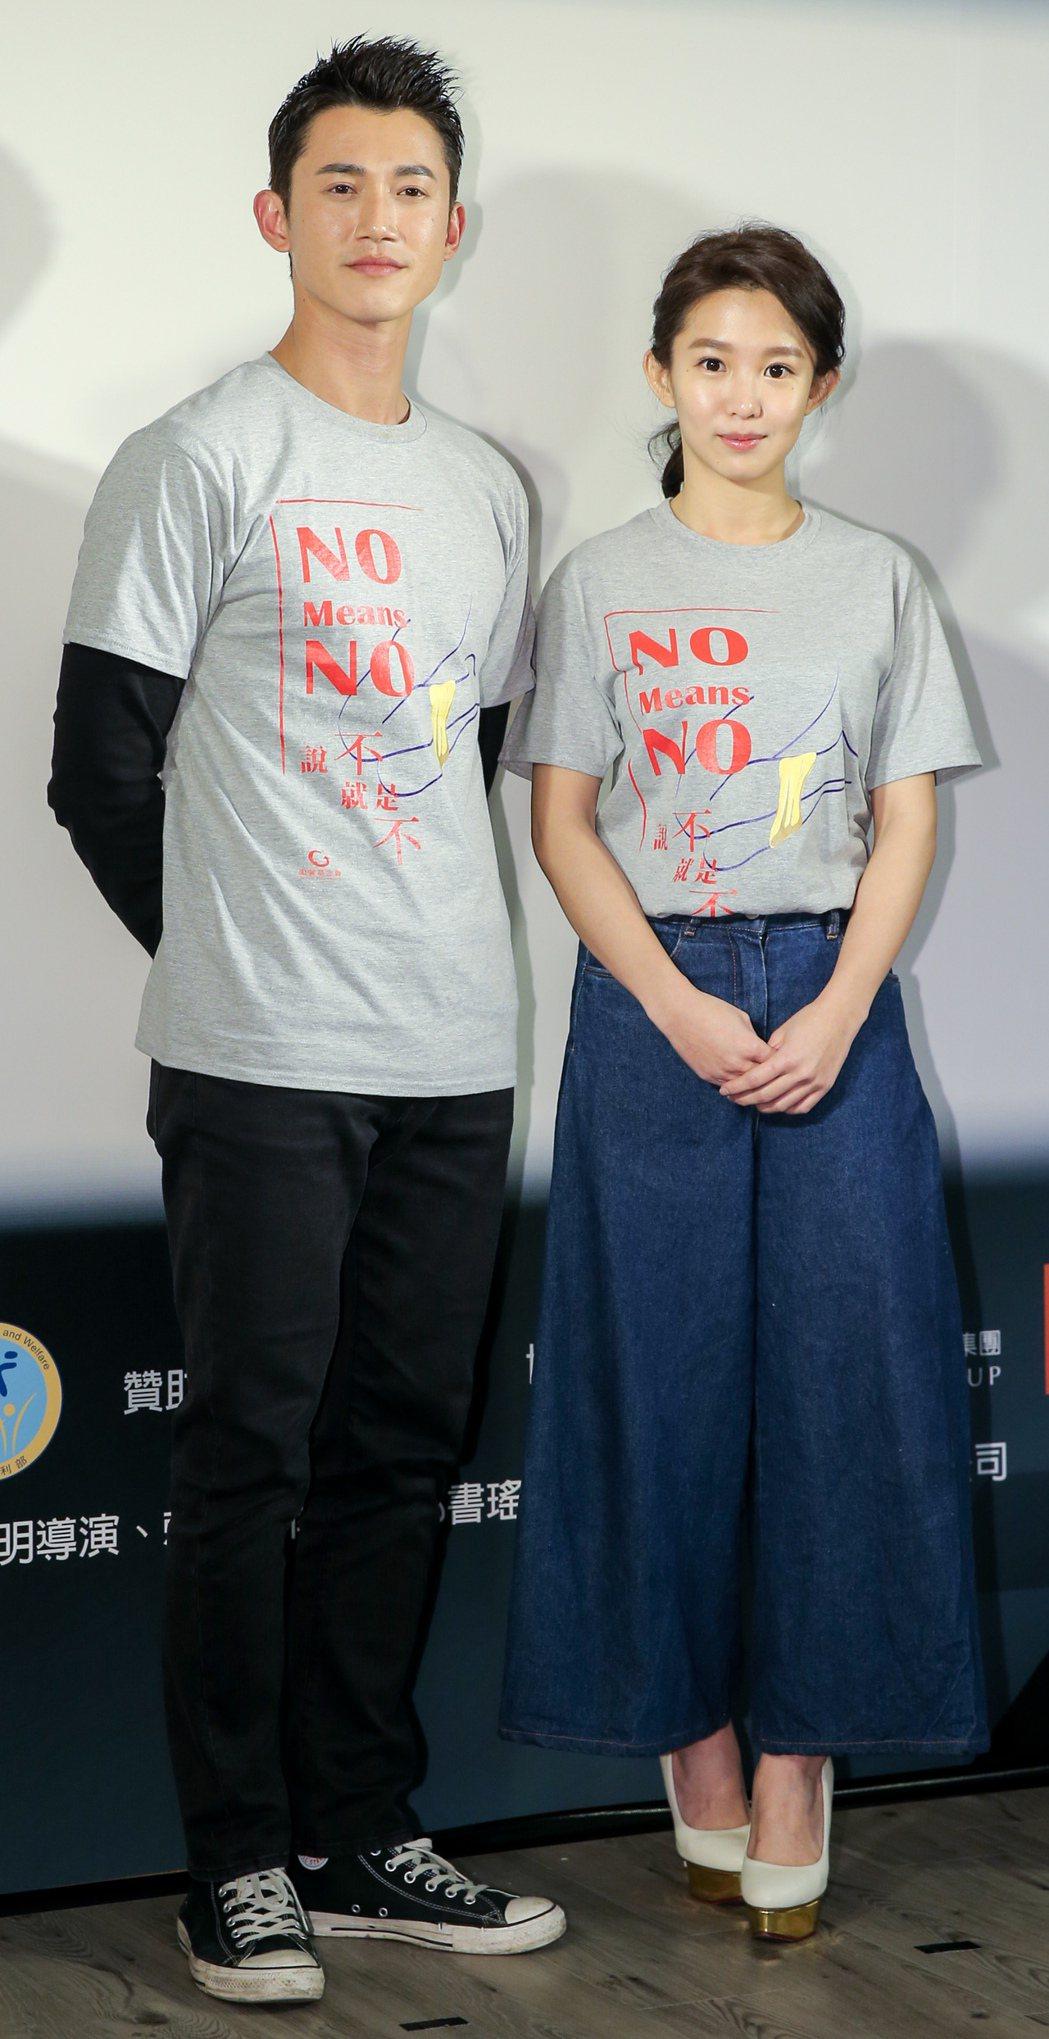 藝人郭書瑤(右)與吳慷仁(左)出席由勵馨基金會主辦的「No Means No 說...